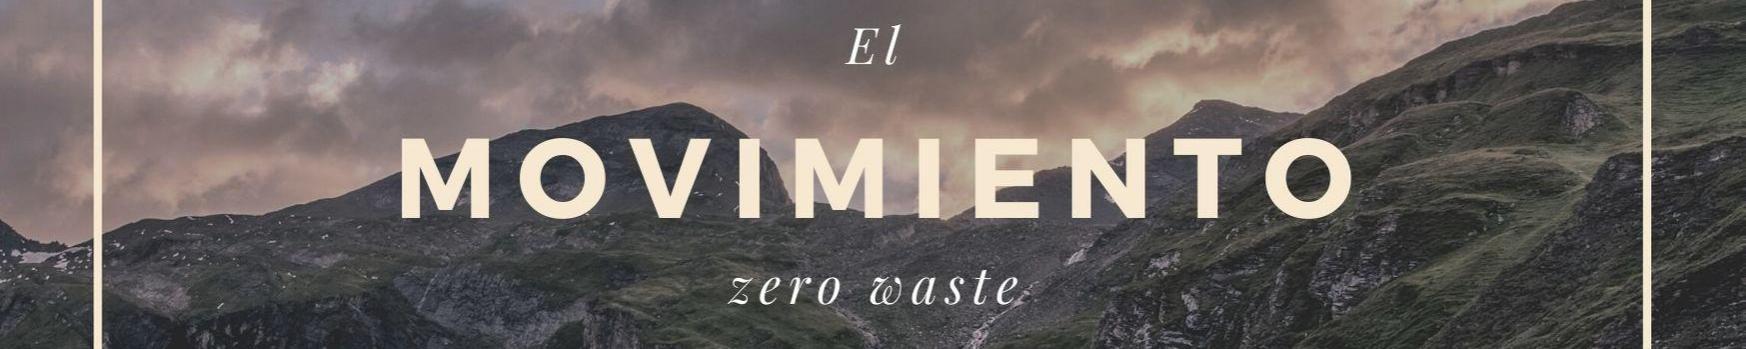 Movimiento zero waste ¿qué es y cómo podemos aplicarlo a diario?